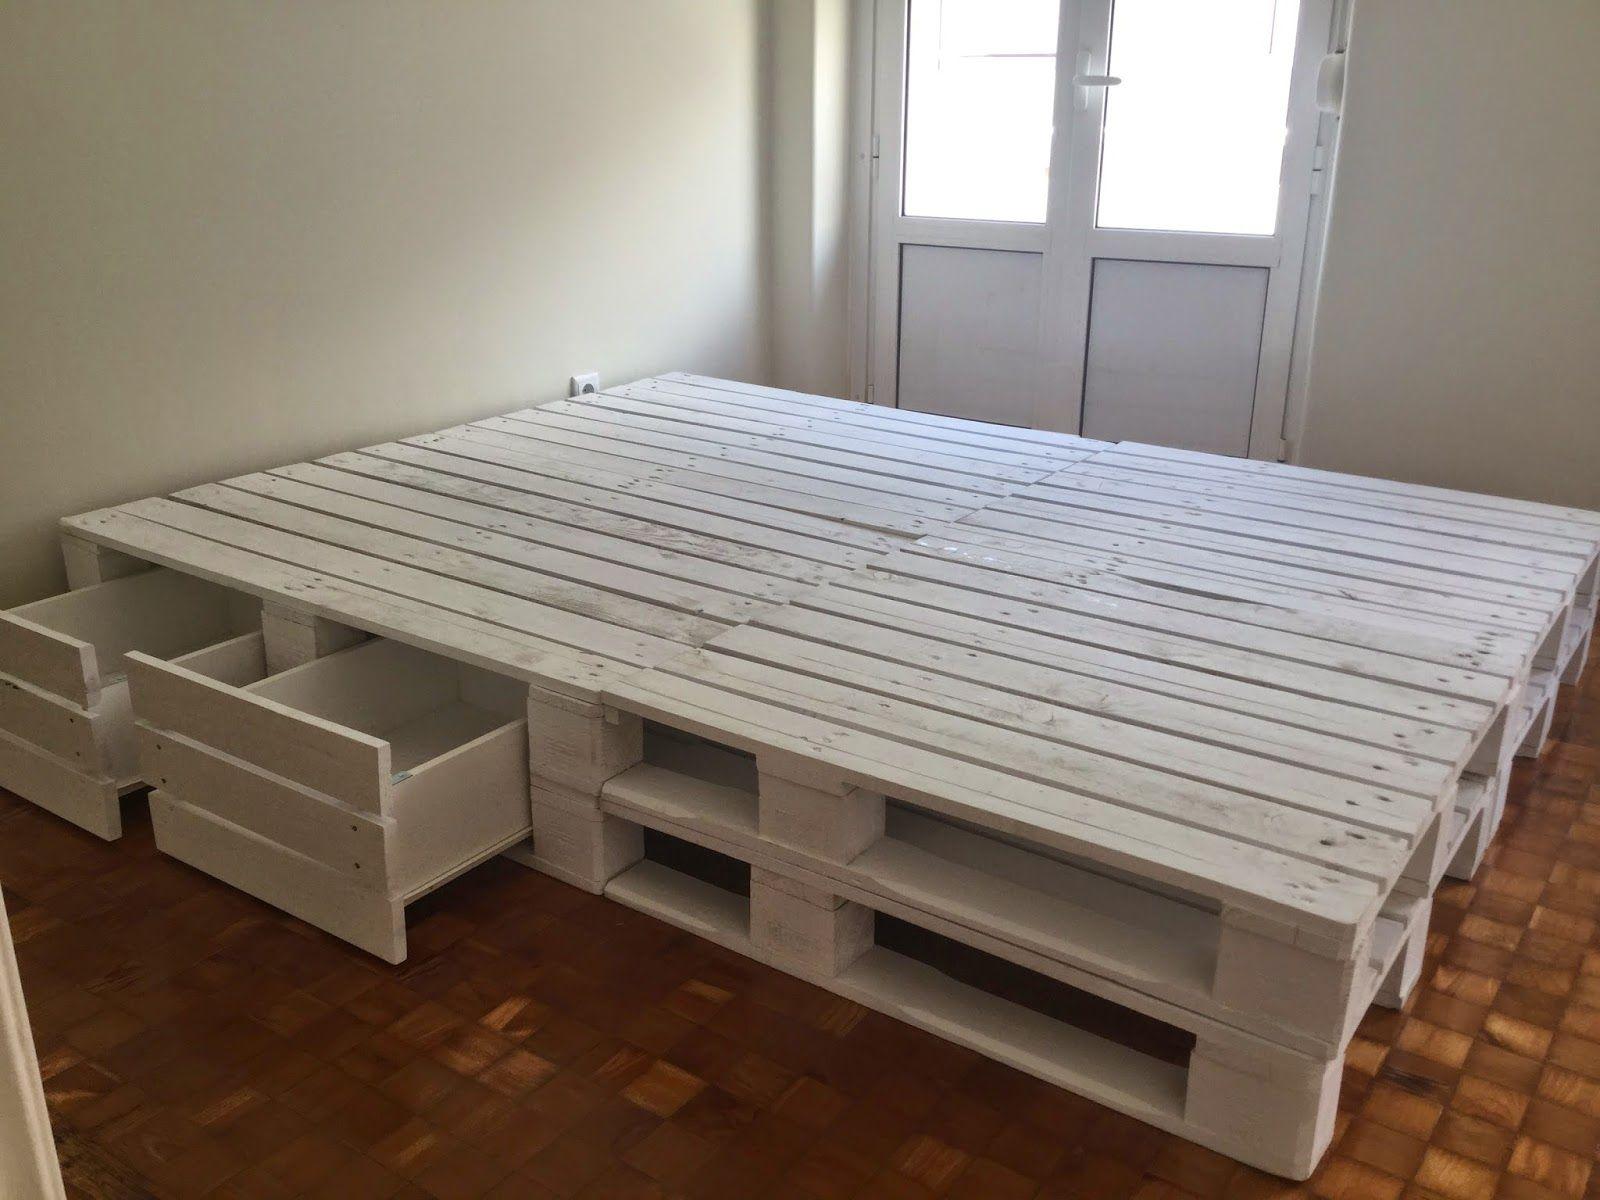 Oficina da madeira cama com gavetas paletes casa nova for Cama palets